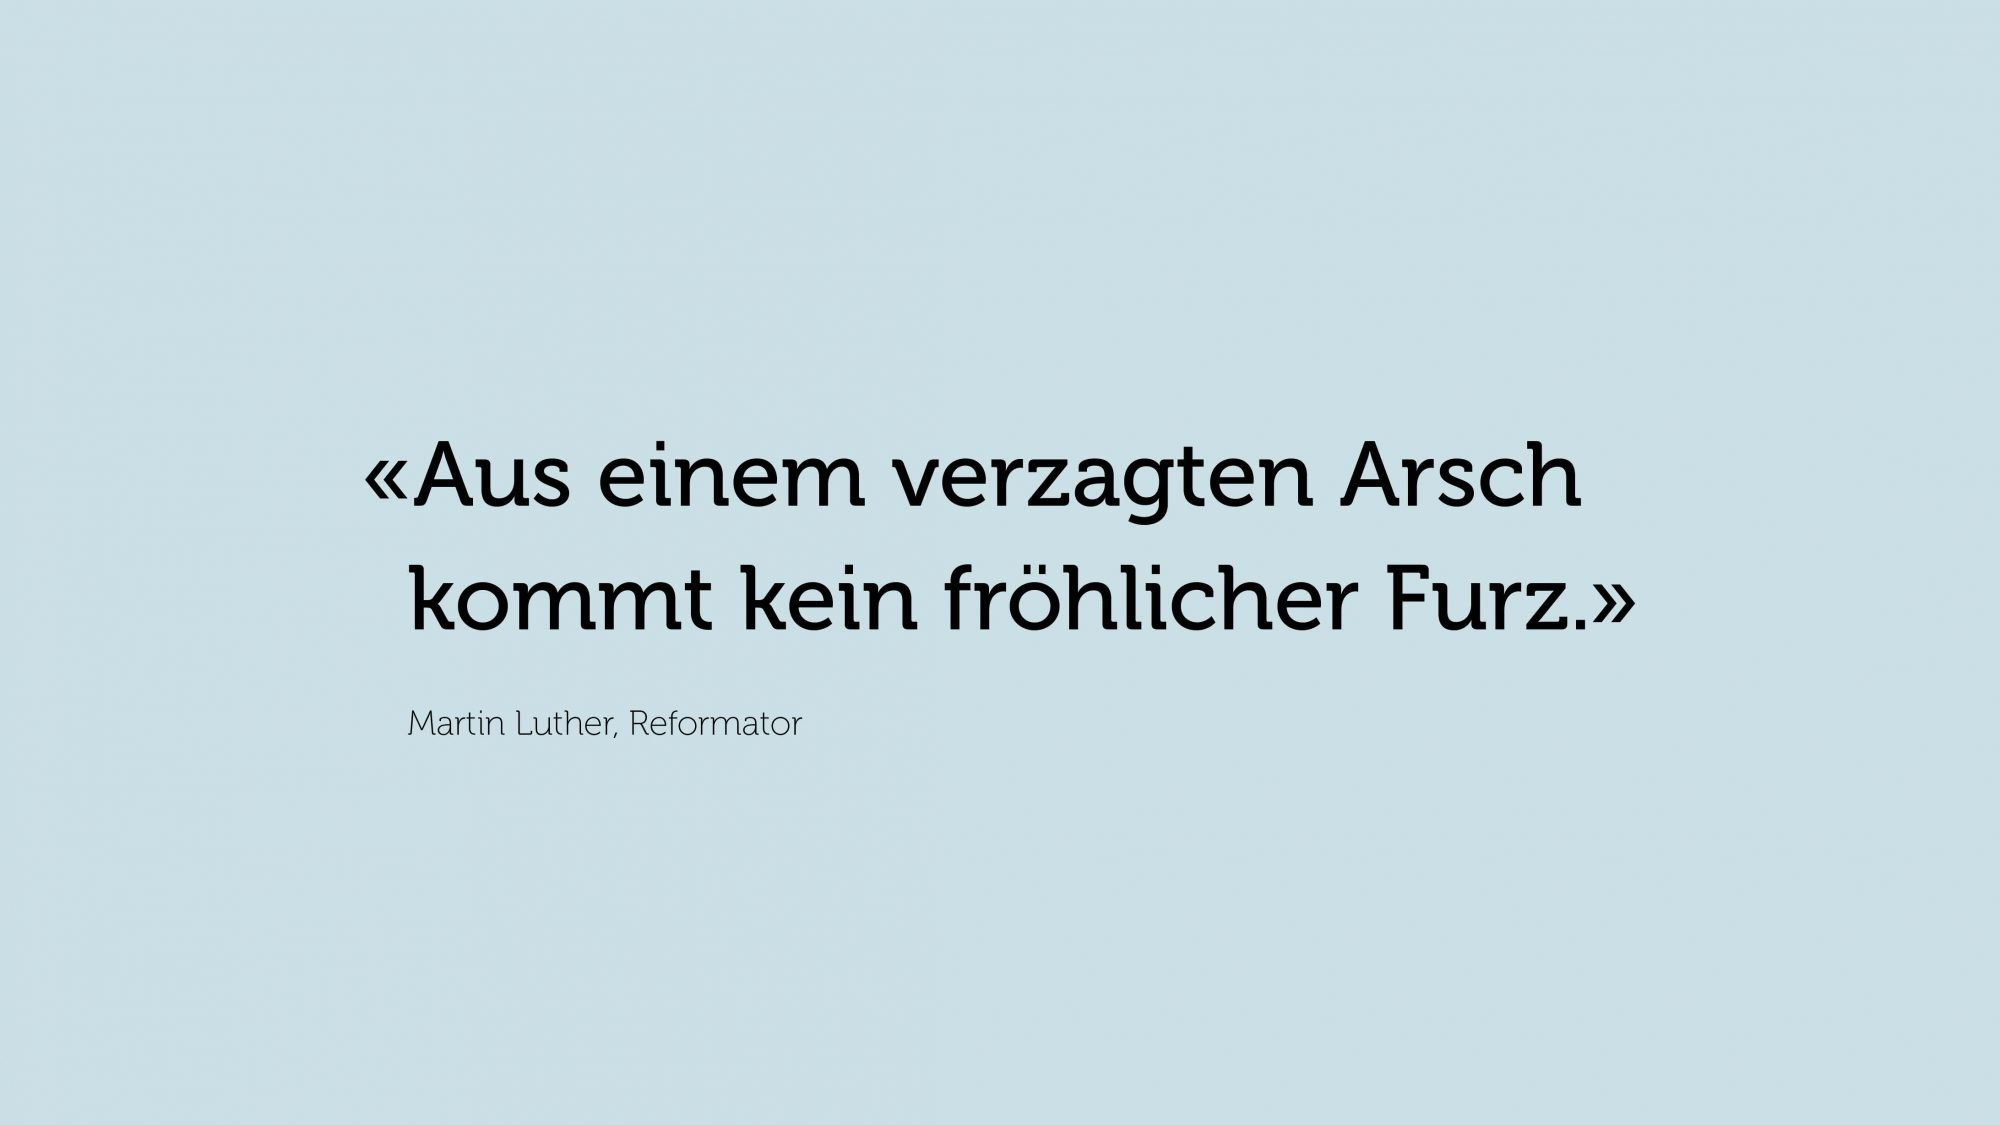 Zitat von Martin Luther, Reformator: «Aus einem verzagten Arsch kommt kein fröhlicher Furz.»